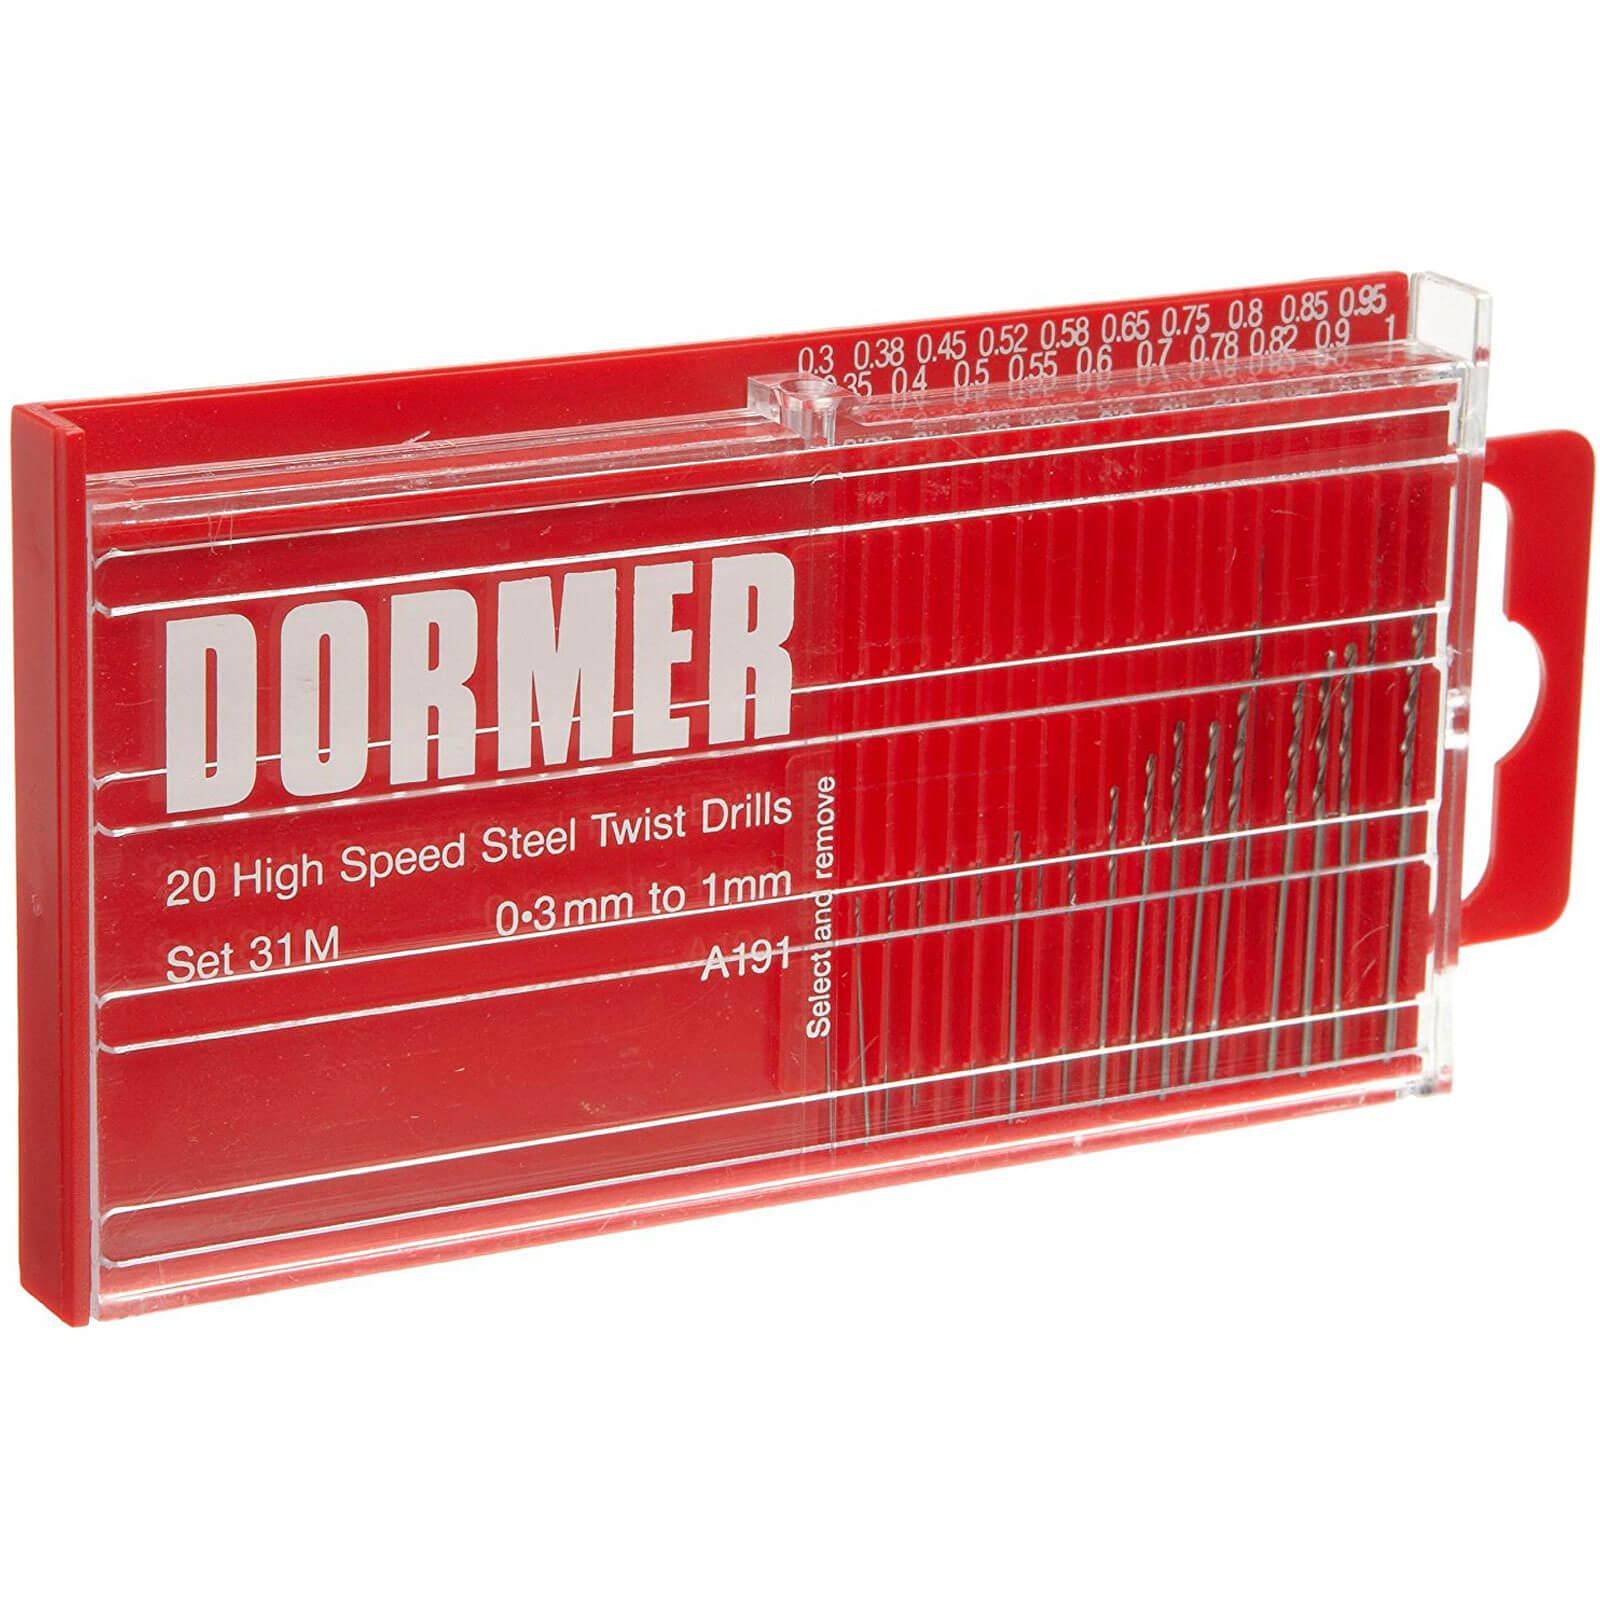 Image of Dormer A191-31M 20 Piece HSS Jobber Drill Bit Set